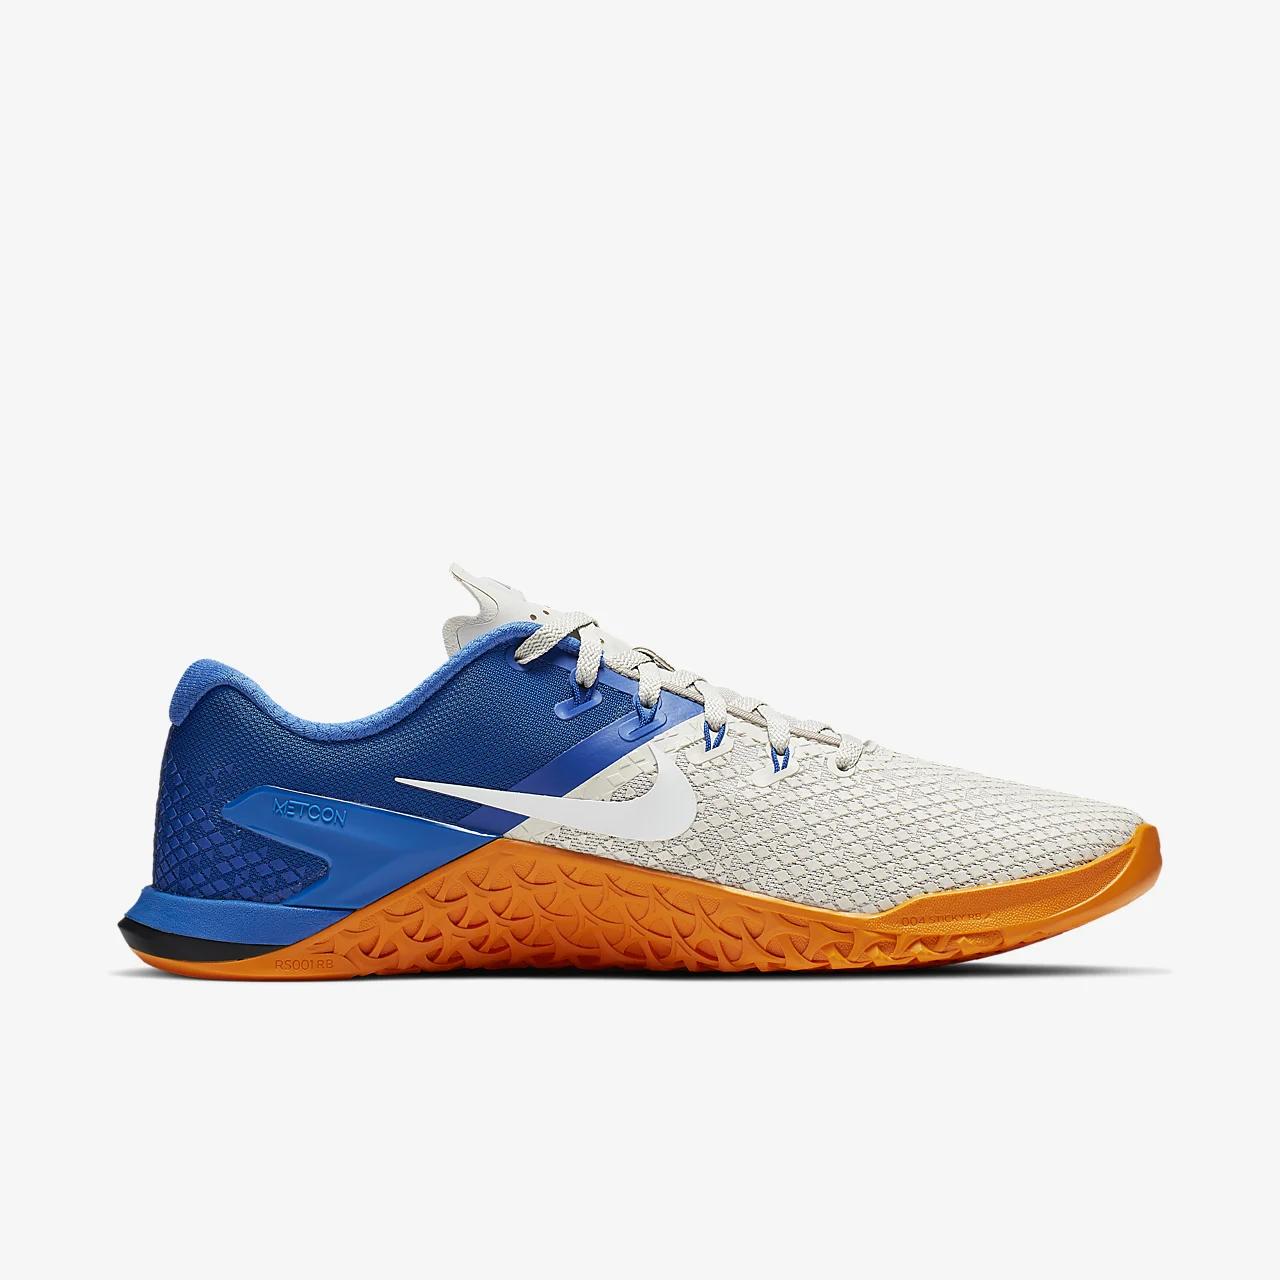 Nike Metcon 4 XD Men's Training Shoe BV1636-002